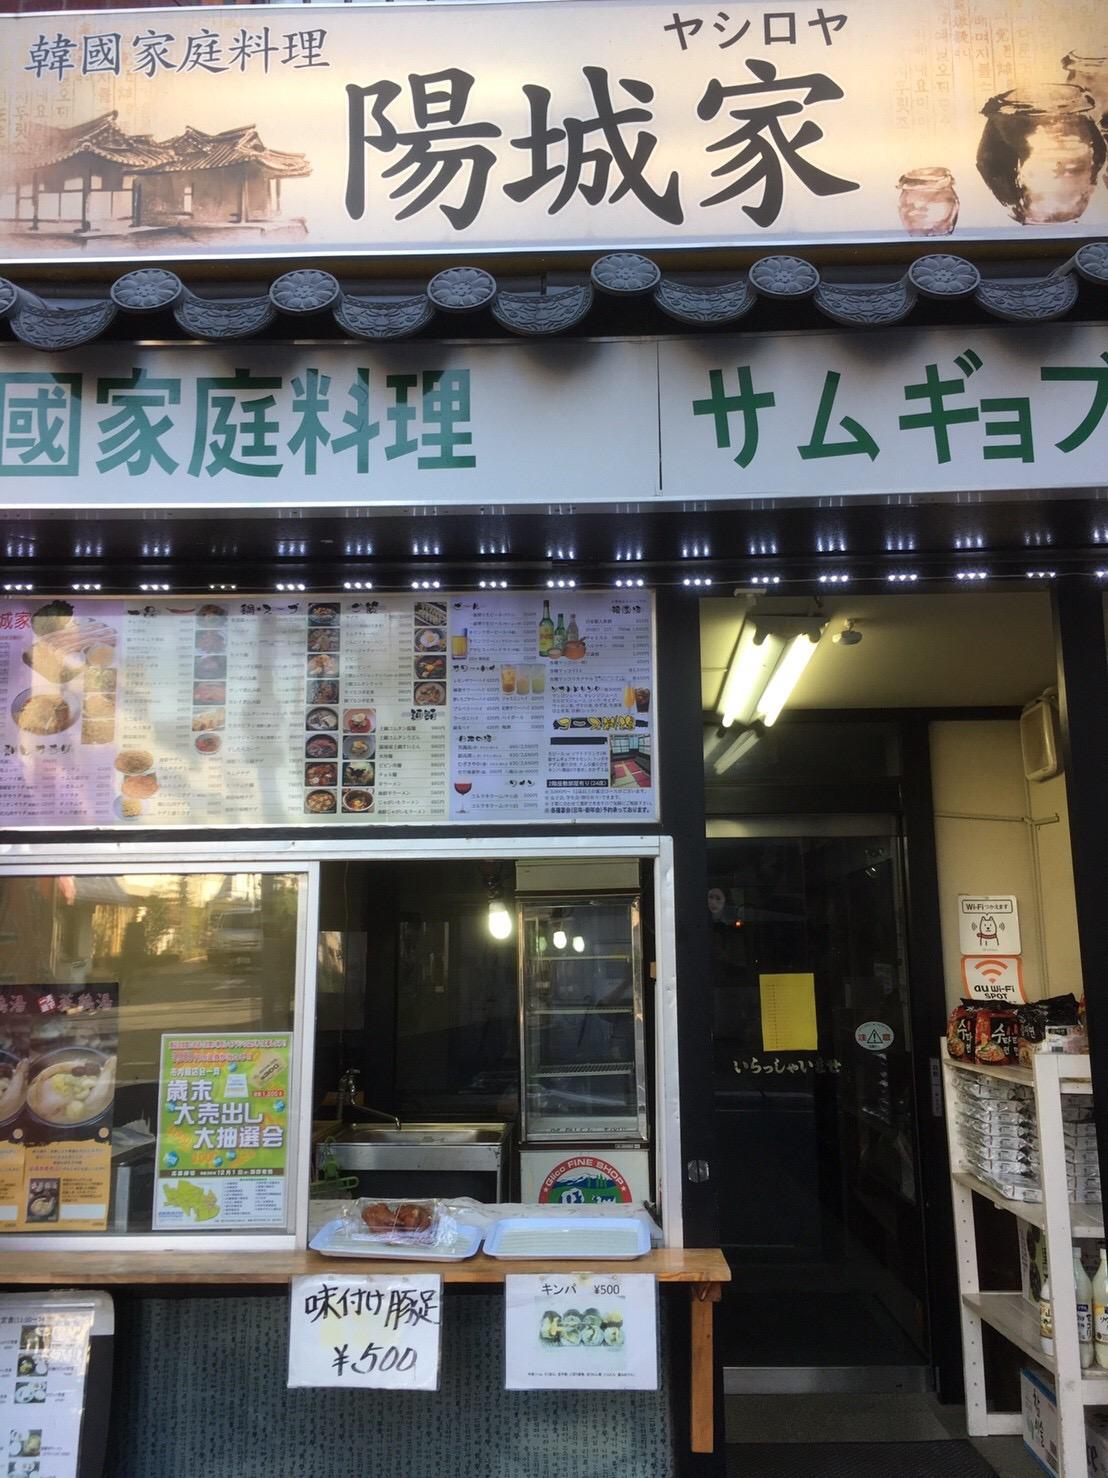 国分寺唯一の韓国料理屋さん